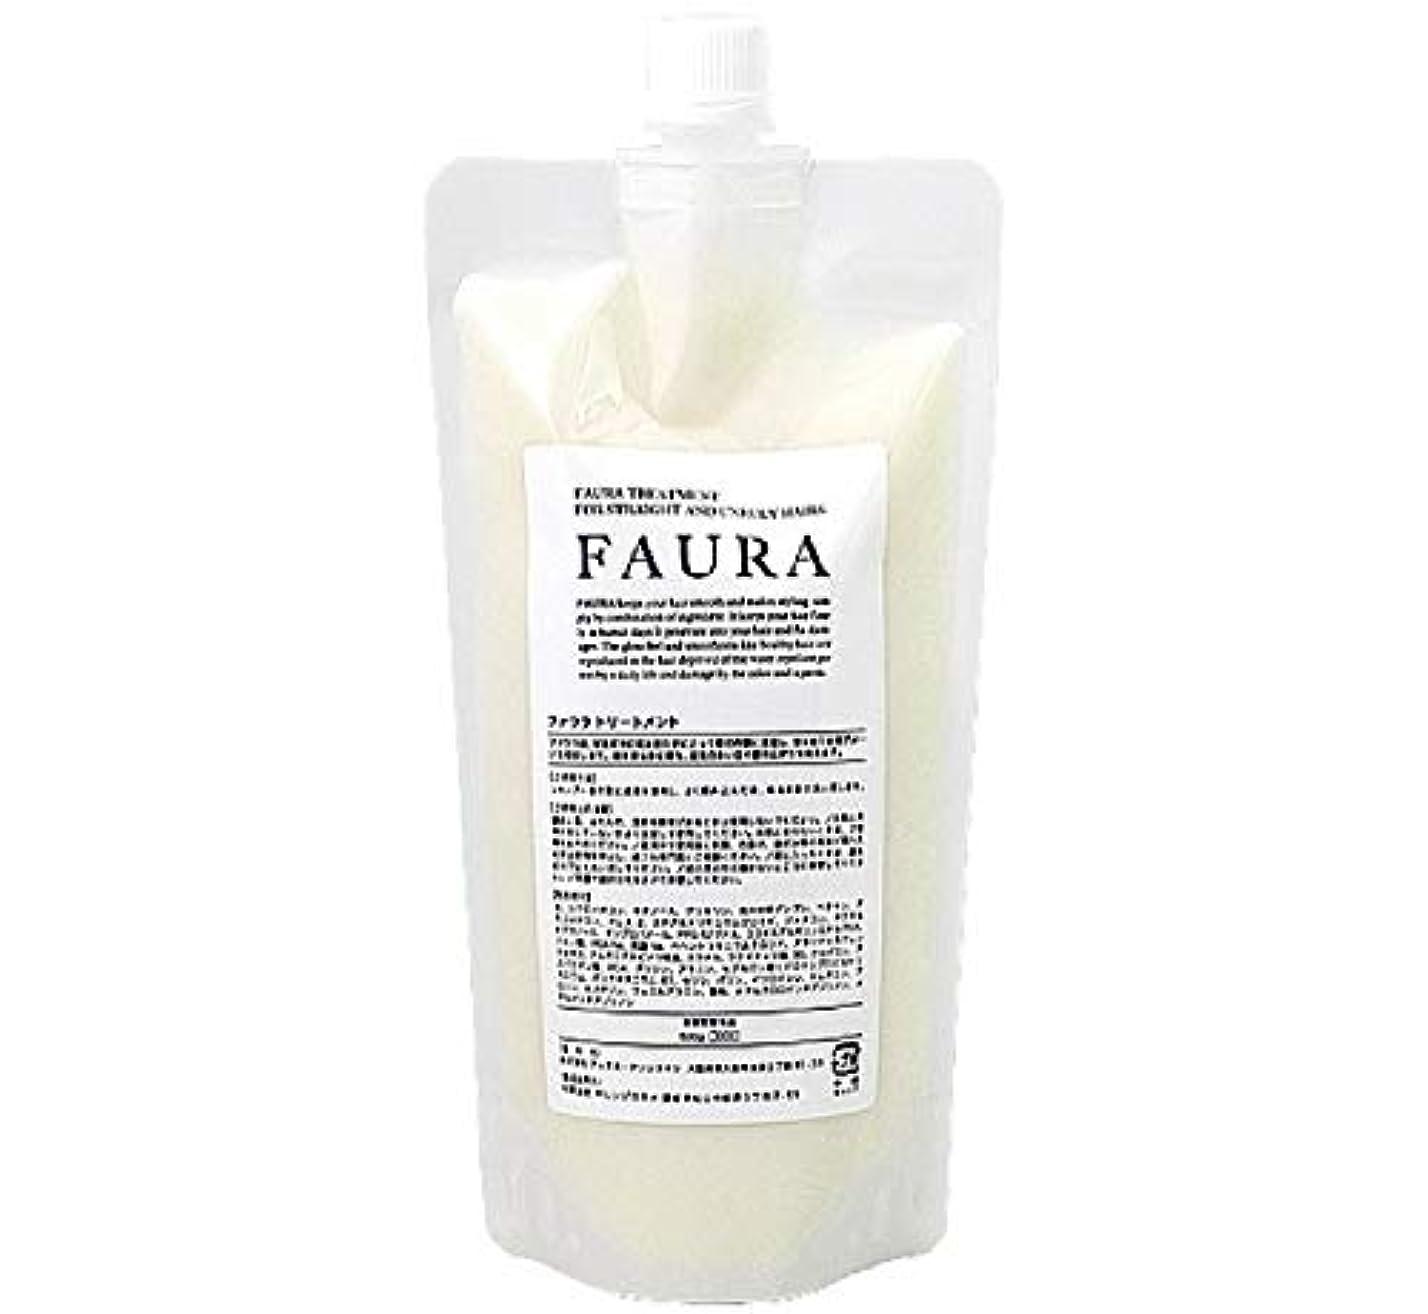 に同意する蓮克服する【発売1年で3万本の売上】FAURA ファウラ ヘアトリートメント (傷んだ髪に) 詰替500g 【サロン専売品】